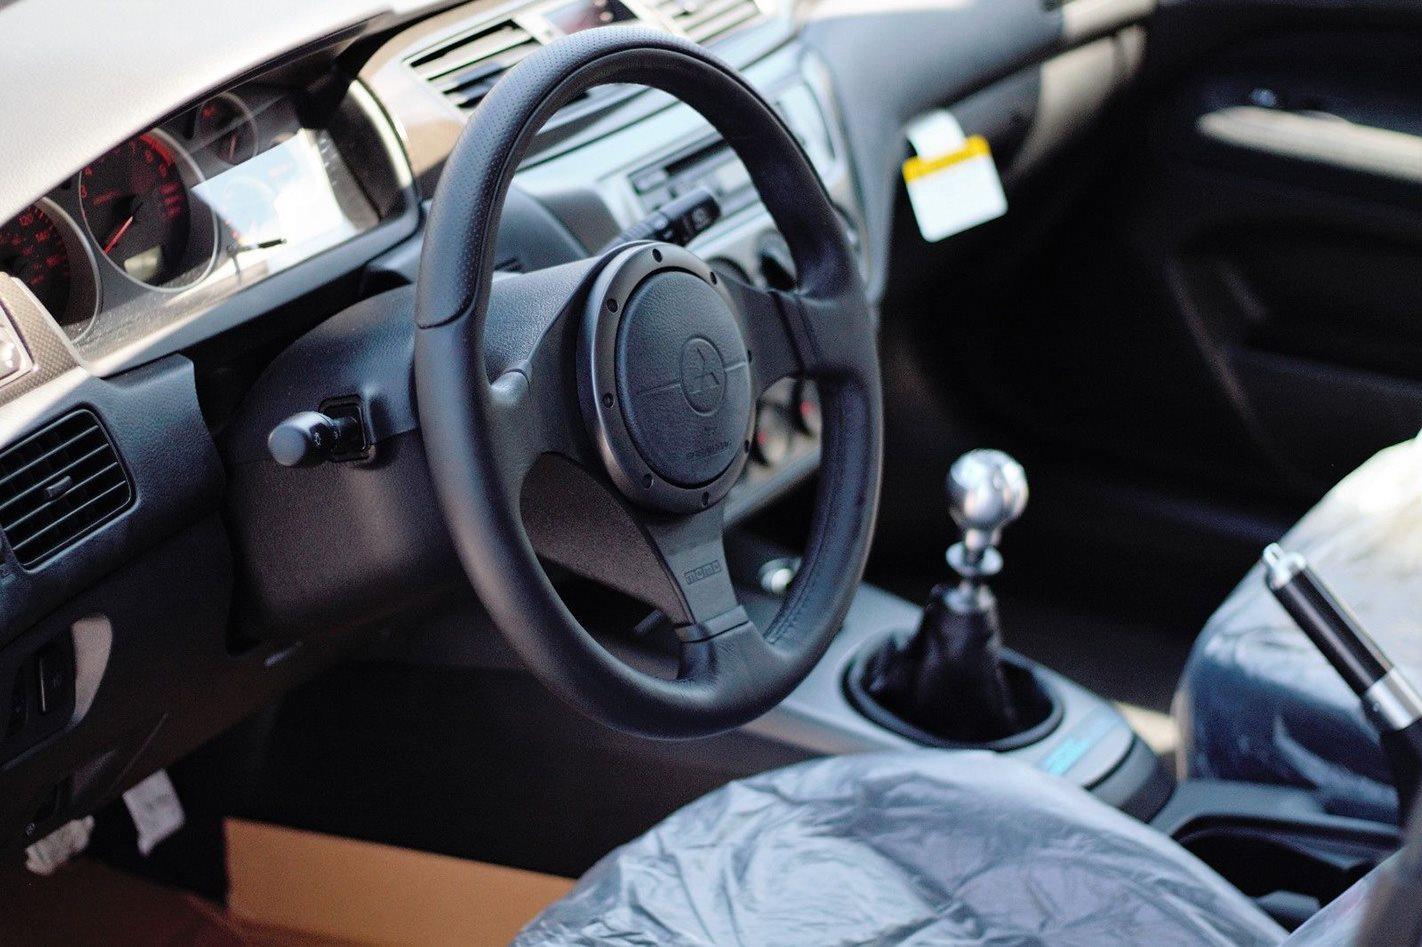 New 2006 Mitsubishi Evo IX MR gearstick